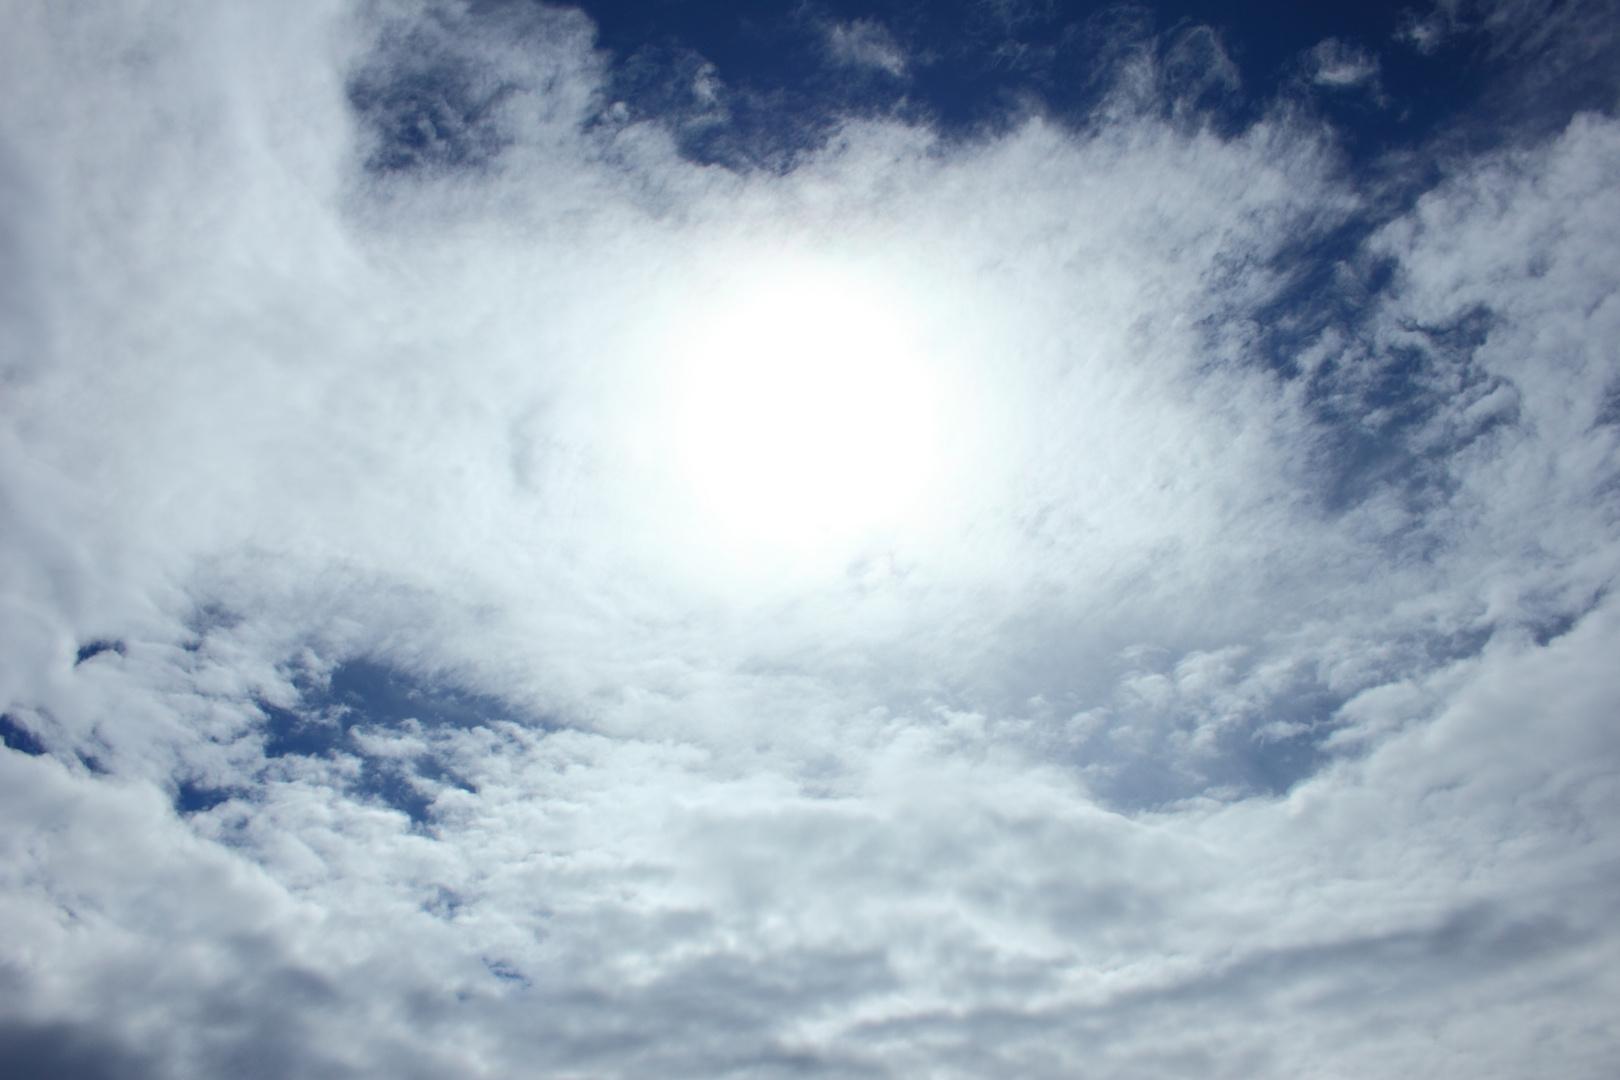 Wolken, mehr als nur Weiße Flecken am Himmel